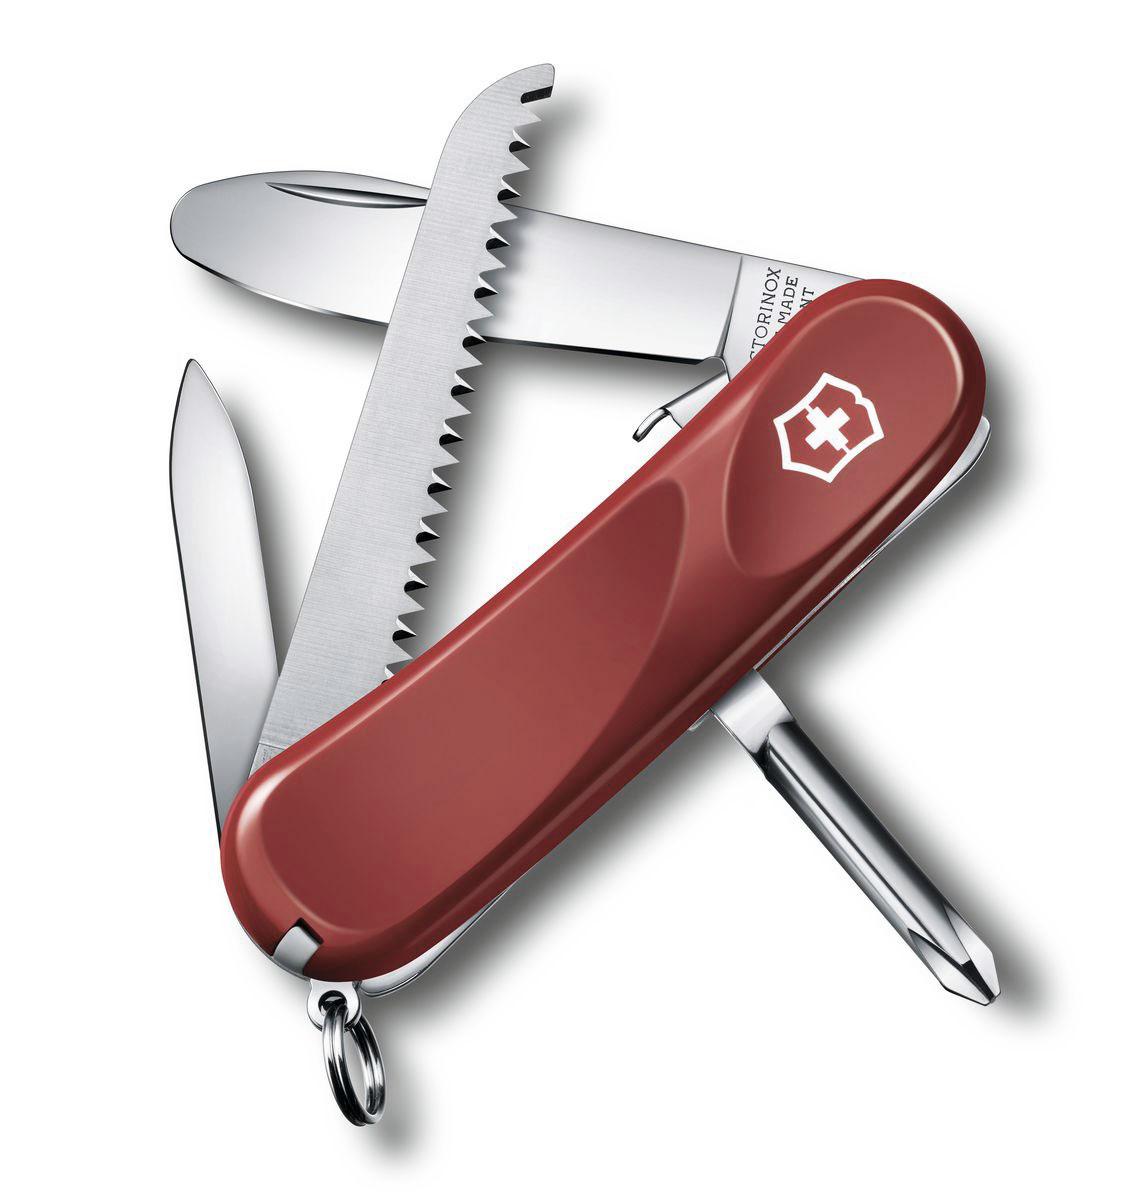 Нож перочинный Victorinox Junior, цвет: красный, 8 функций, 8,5 см2.4213.SKEЛезвие перочинного складного ножа Victorinox Sentinel One Hand изготовлено из высококачественной нержавеющей стали. Ручка, выполненная из прочного пластика, обеспечивает надежный и удобный хват.Хорошее качество, надежный долговечный материал и эргономичная рукоятка - что может быть удобнее на природе или на пикнике!Функции ножа:Фиксирующееся лезвие с закругленным кончиком.Пилка для ногтей с инструментом по уходу за ногтями.Пила по дереву.Крестовая отвертка.Кольцо для ключей.Пинцет.Зубочистка.Длина ножа в сложенном виде: 8,5 см.Длина ножа в разложенном виде: 14,5 см.